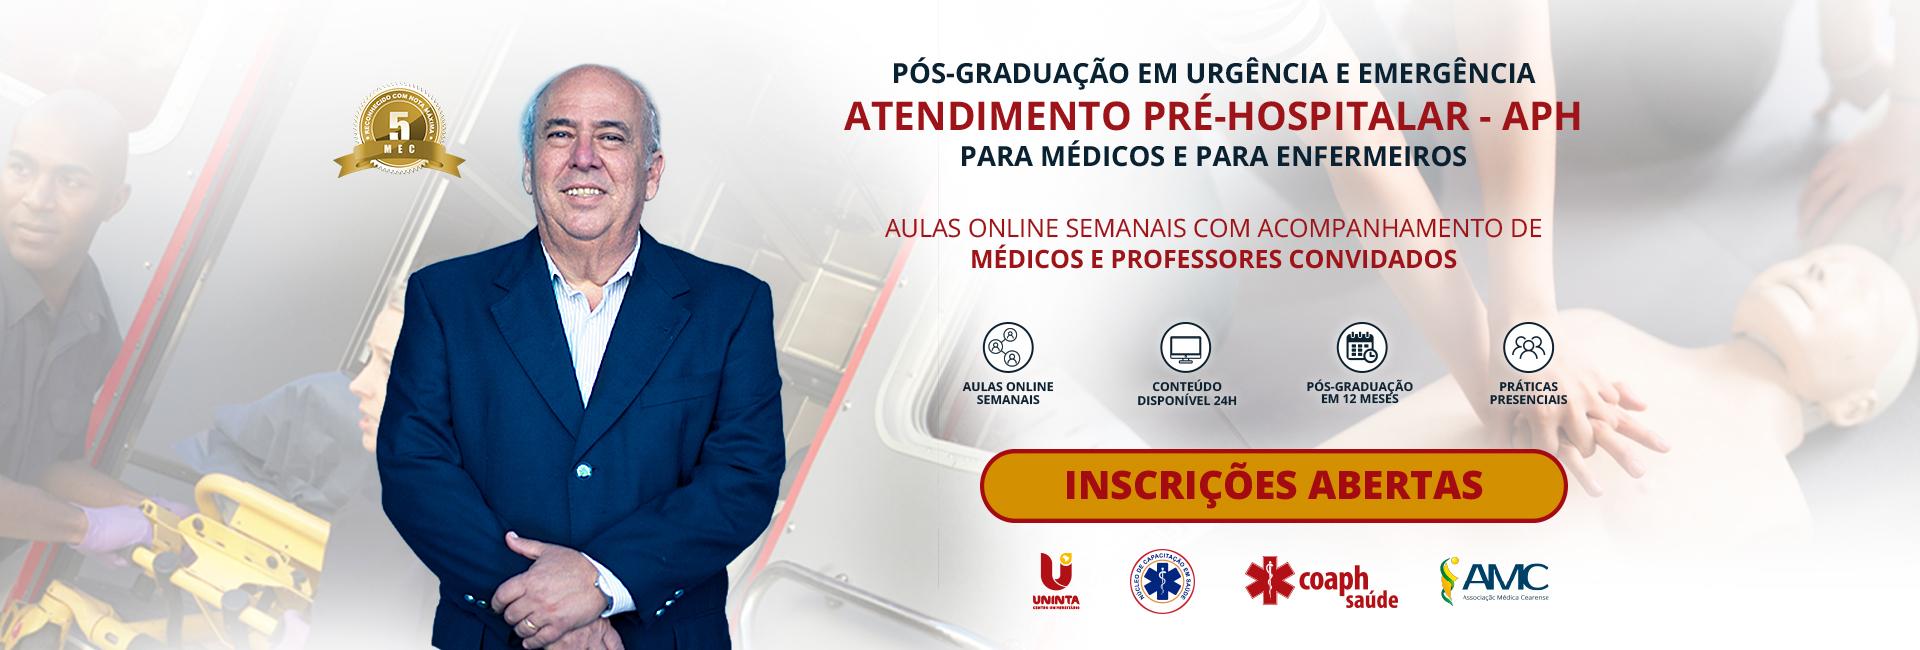 Pós-graduação em Urgência e Emergência - Atendimento Pré-hospitala - APH